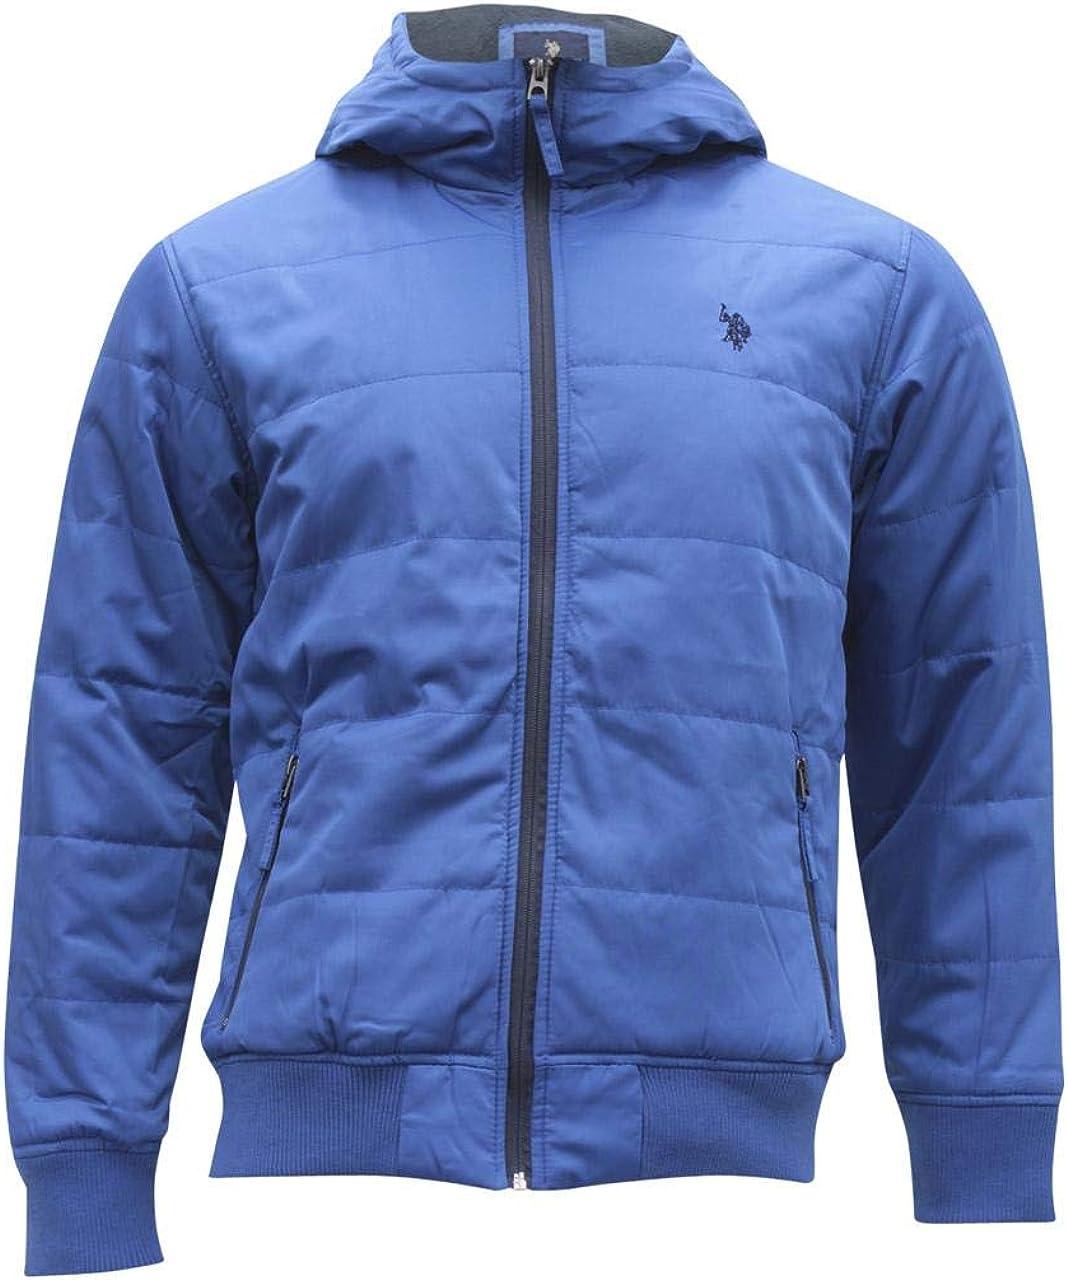 U.S. Polo Assn. mens Hooded Puffer Jacket